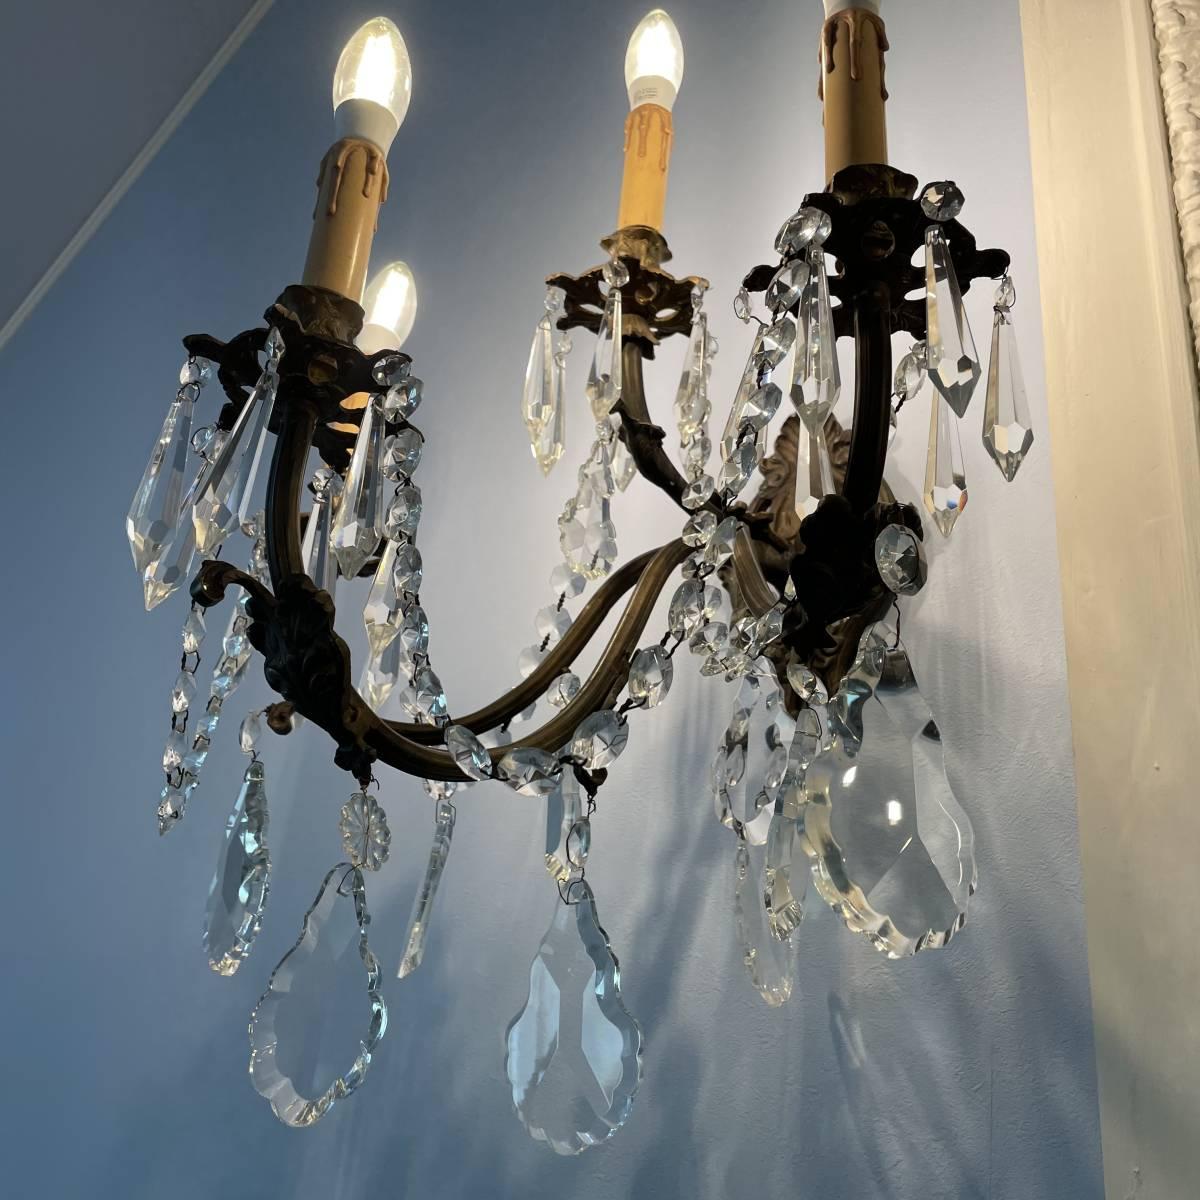 フランスアンティーク ブラケットペア 壁掛け照明 アンティーク照明 アンティークシャンデリア ガラスドロップ 壁掛けシャンデリア _画像2